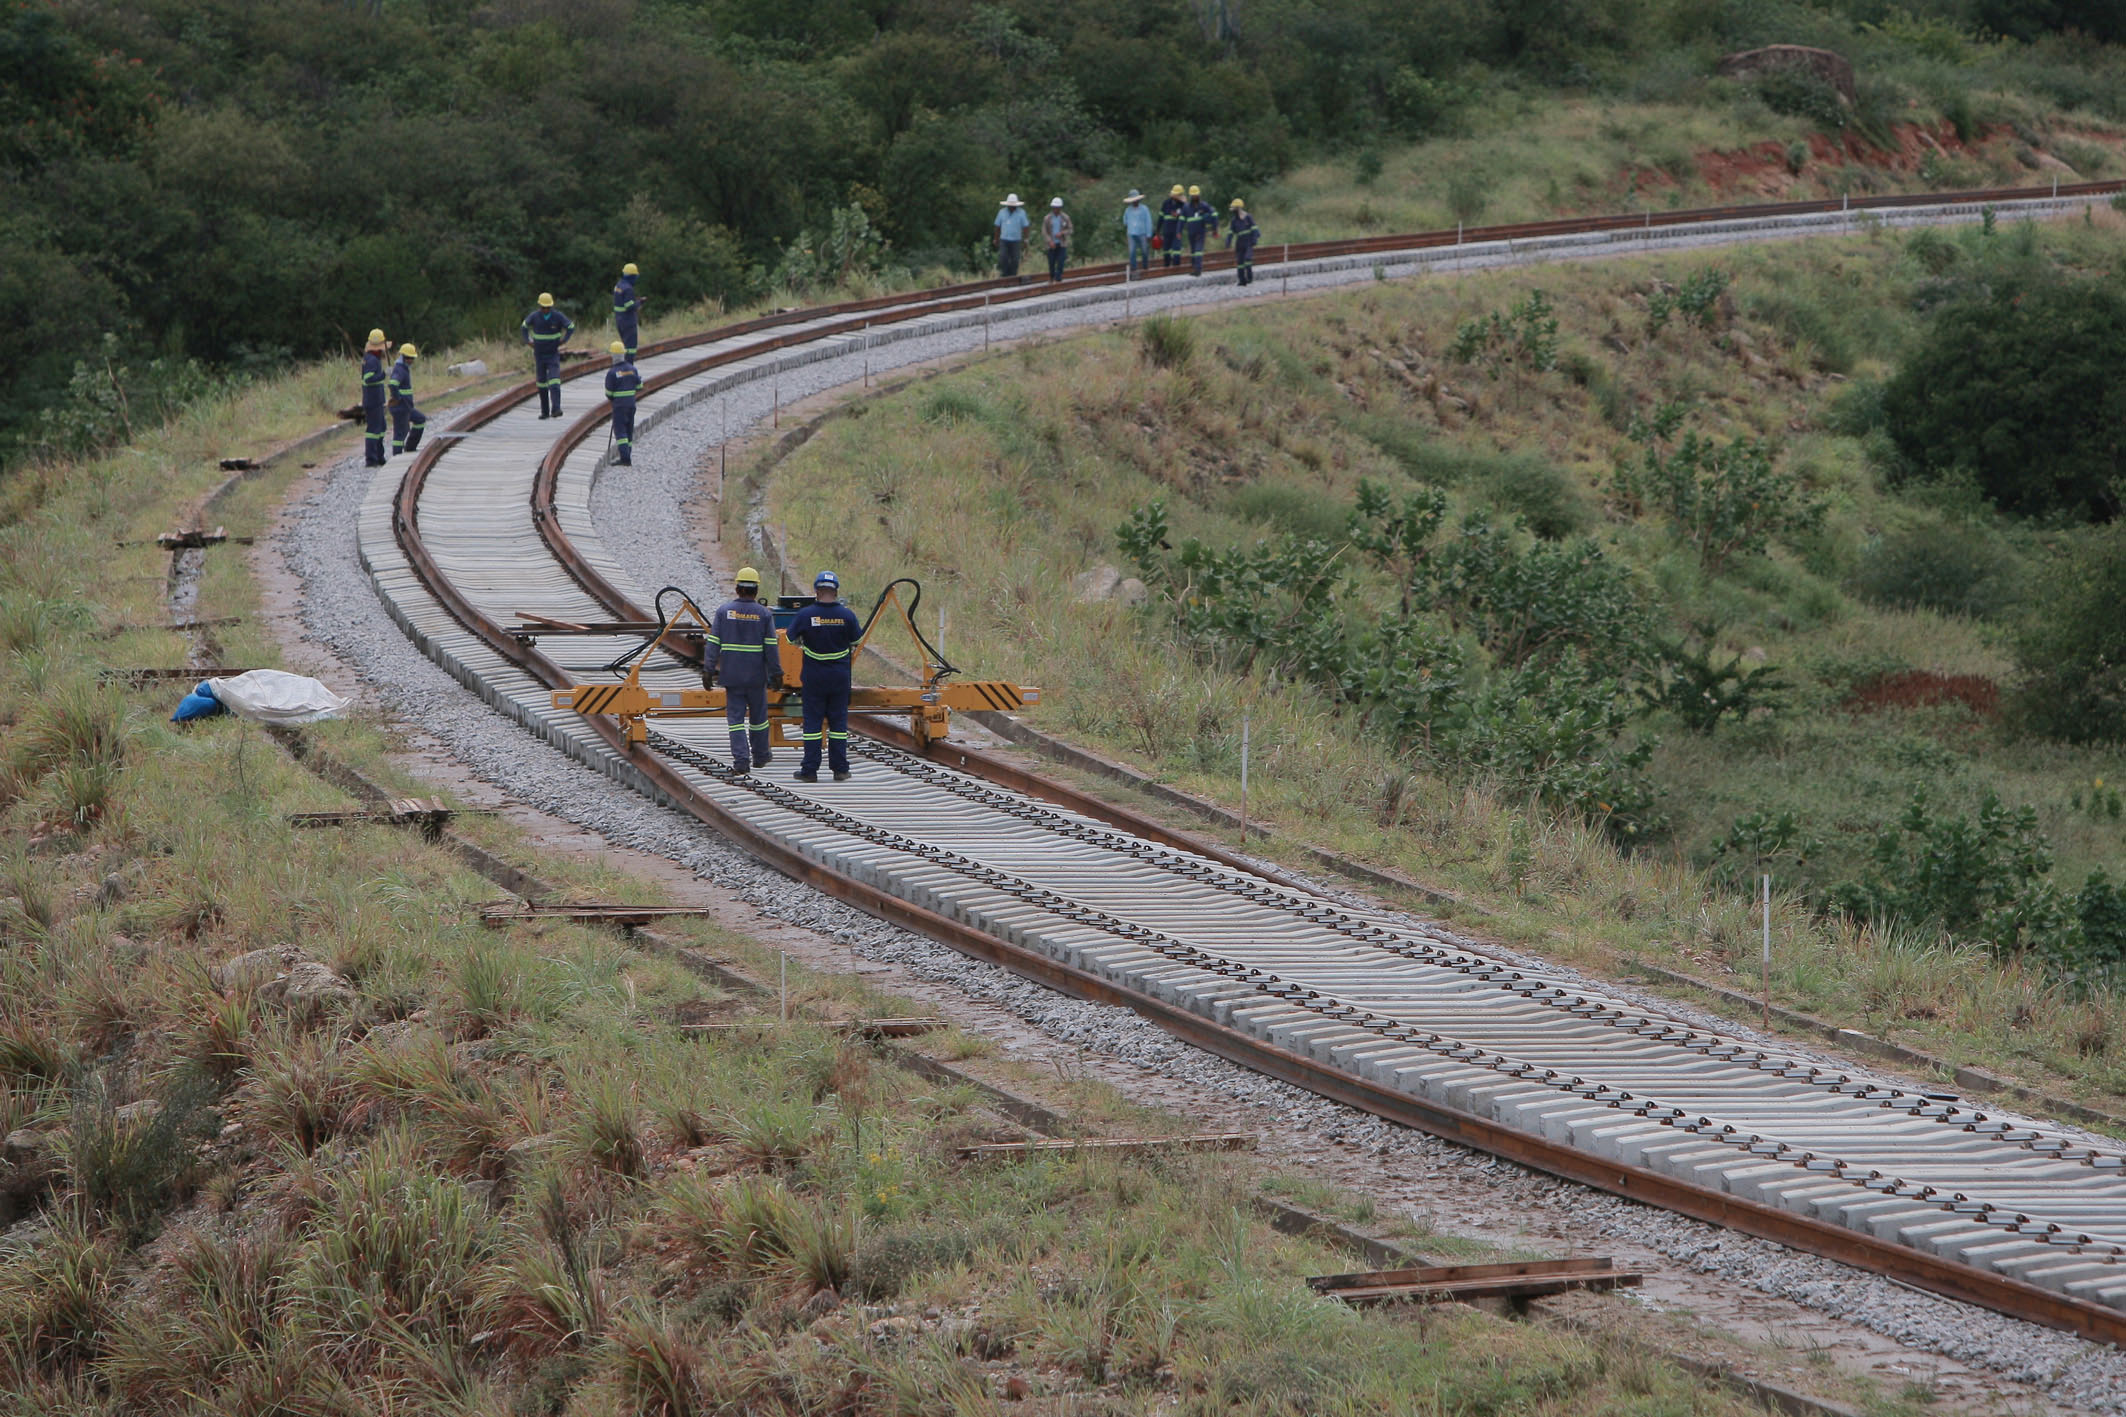 iNFRADebate: Reflexões sobre a constitucionalidade da prestação do serviço de transporte ferroviário por meio da autorização